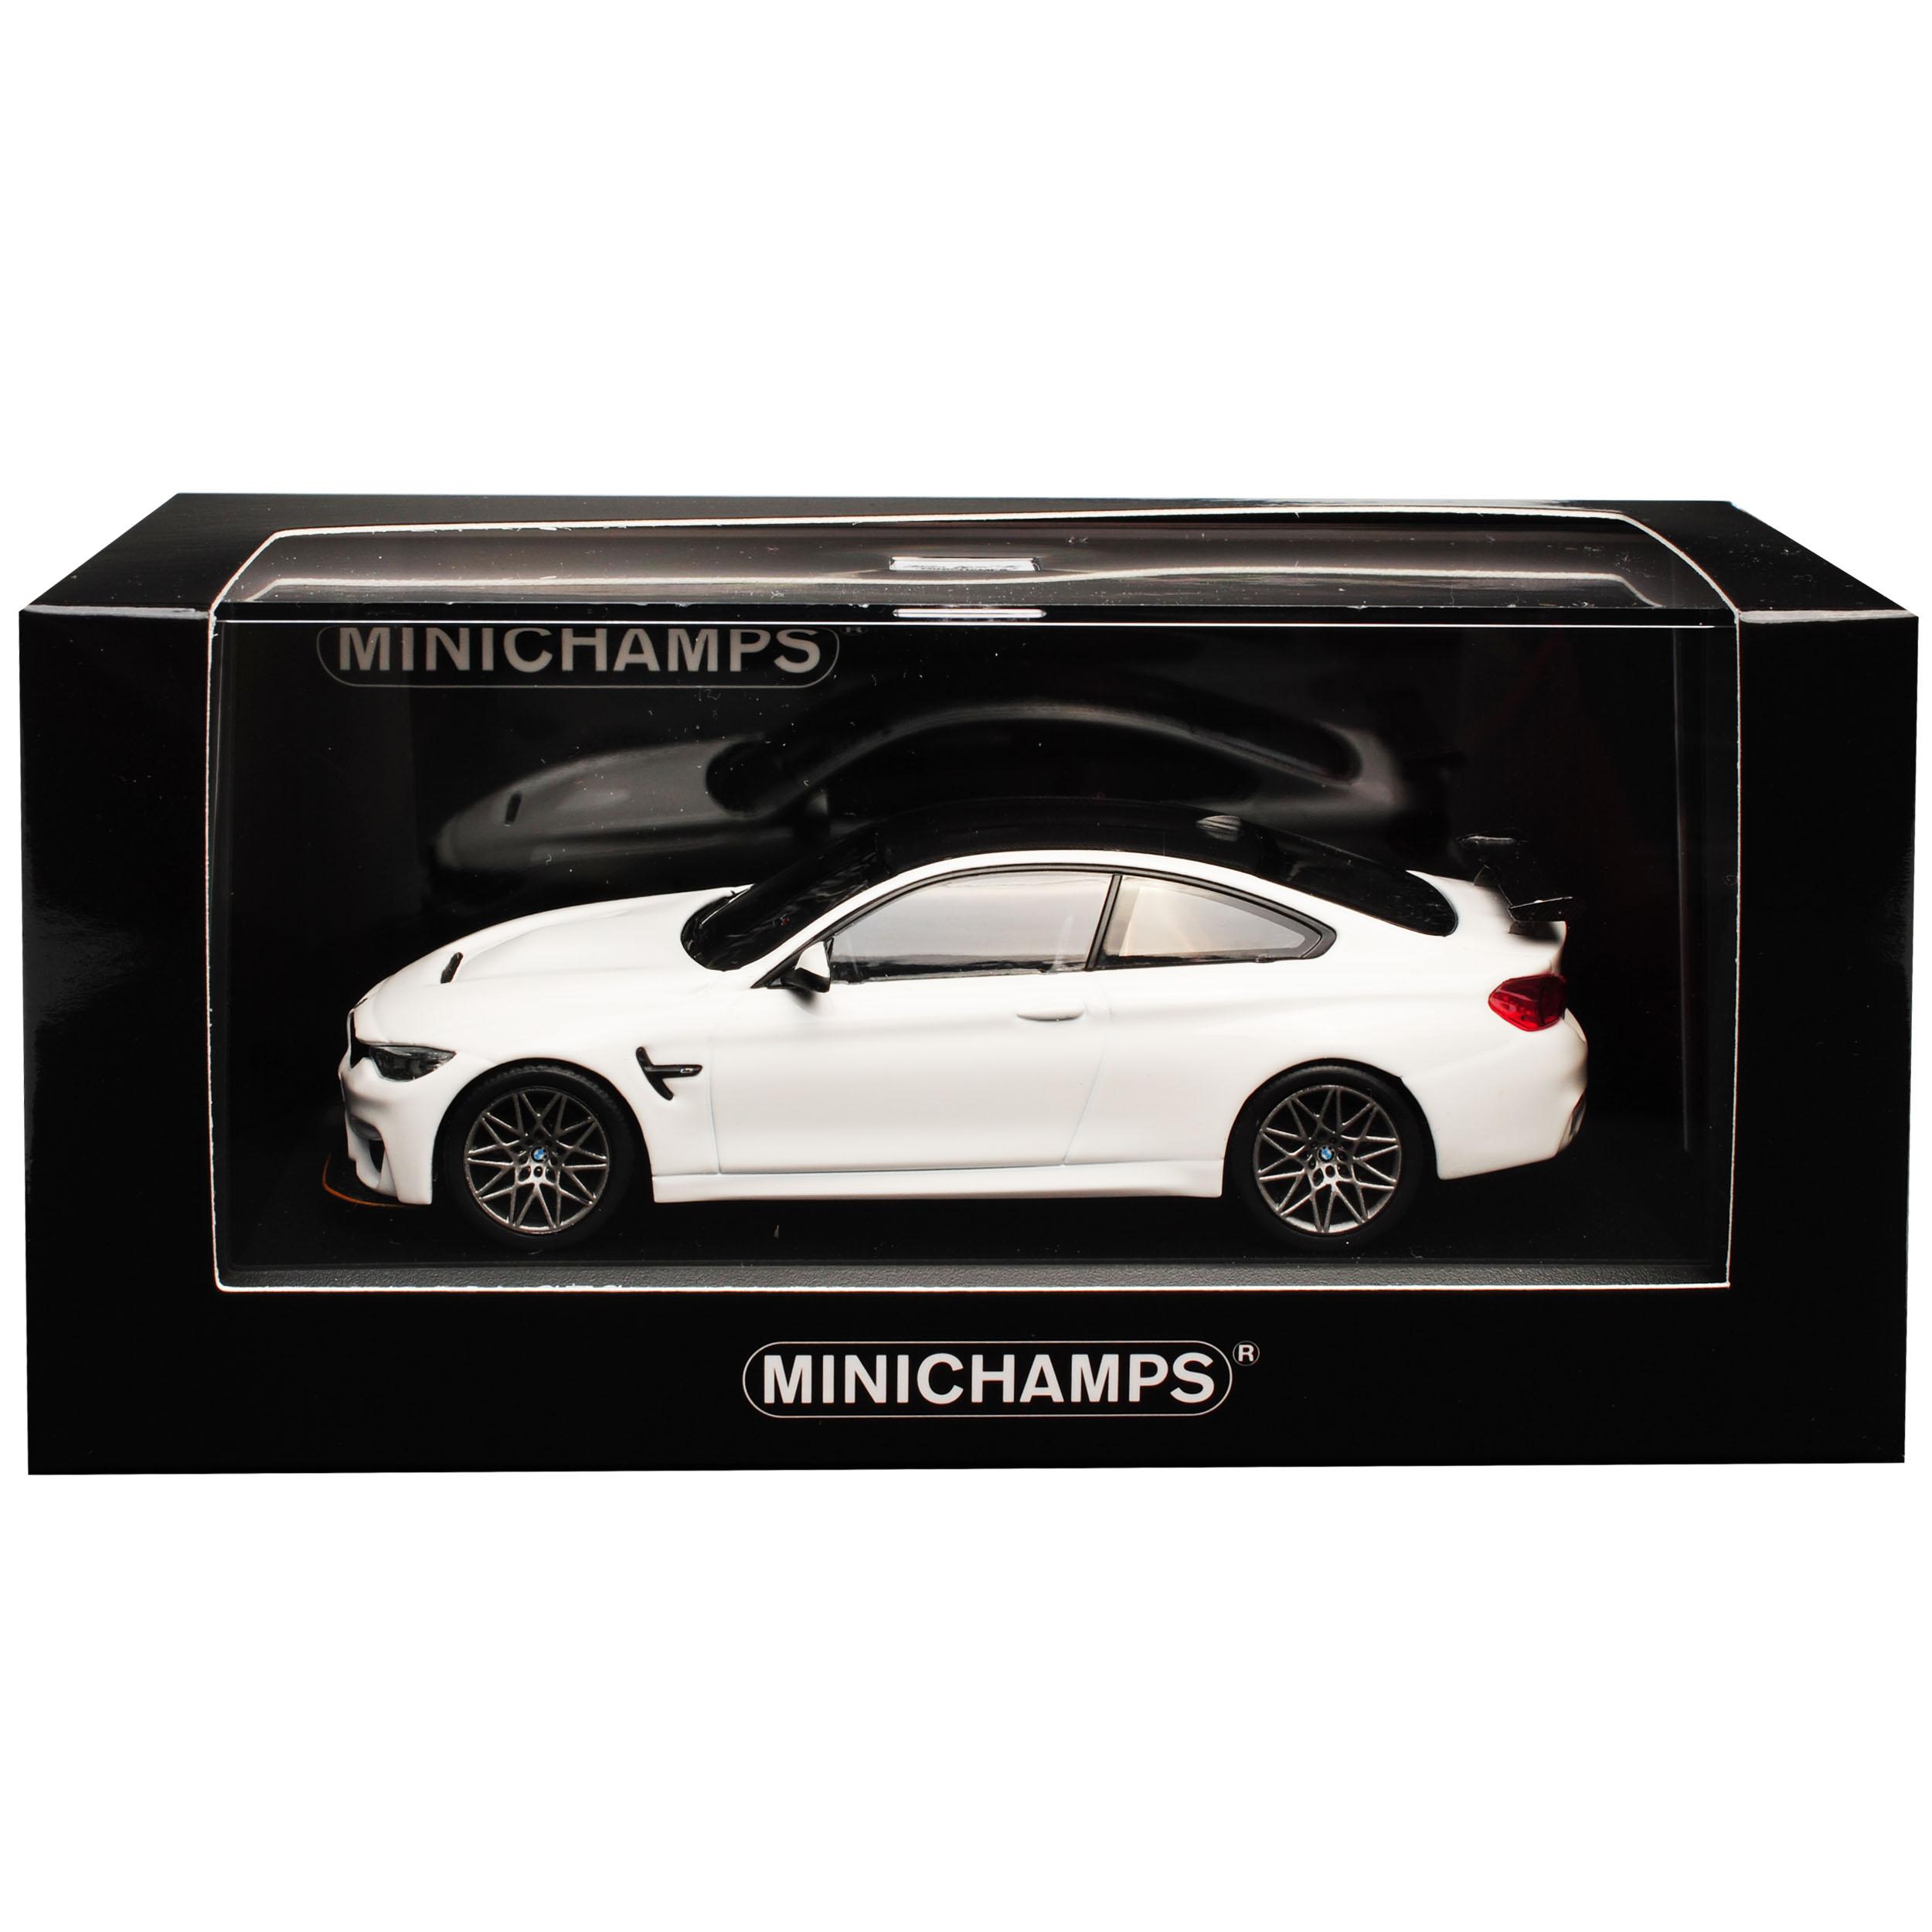 Bmw 4er m4 GTS f82 Coupe Weiss a a a partir de 2014 limitado 336 unidades 1 43 Minichamps mod.. 9829d1